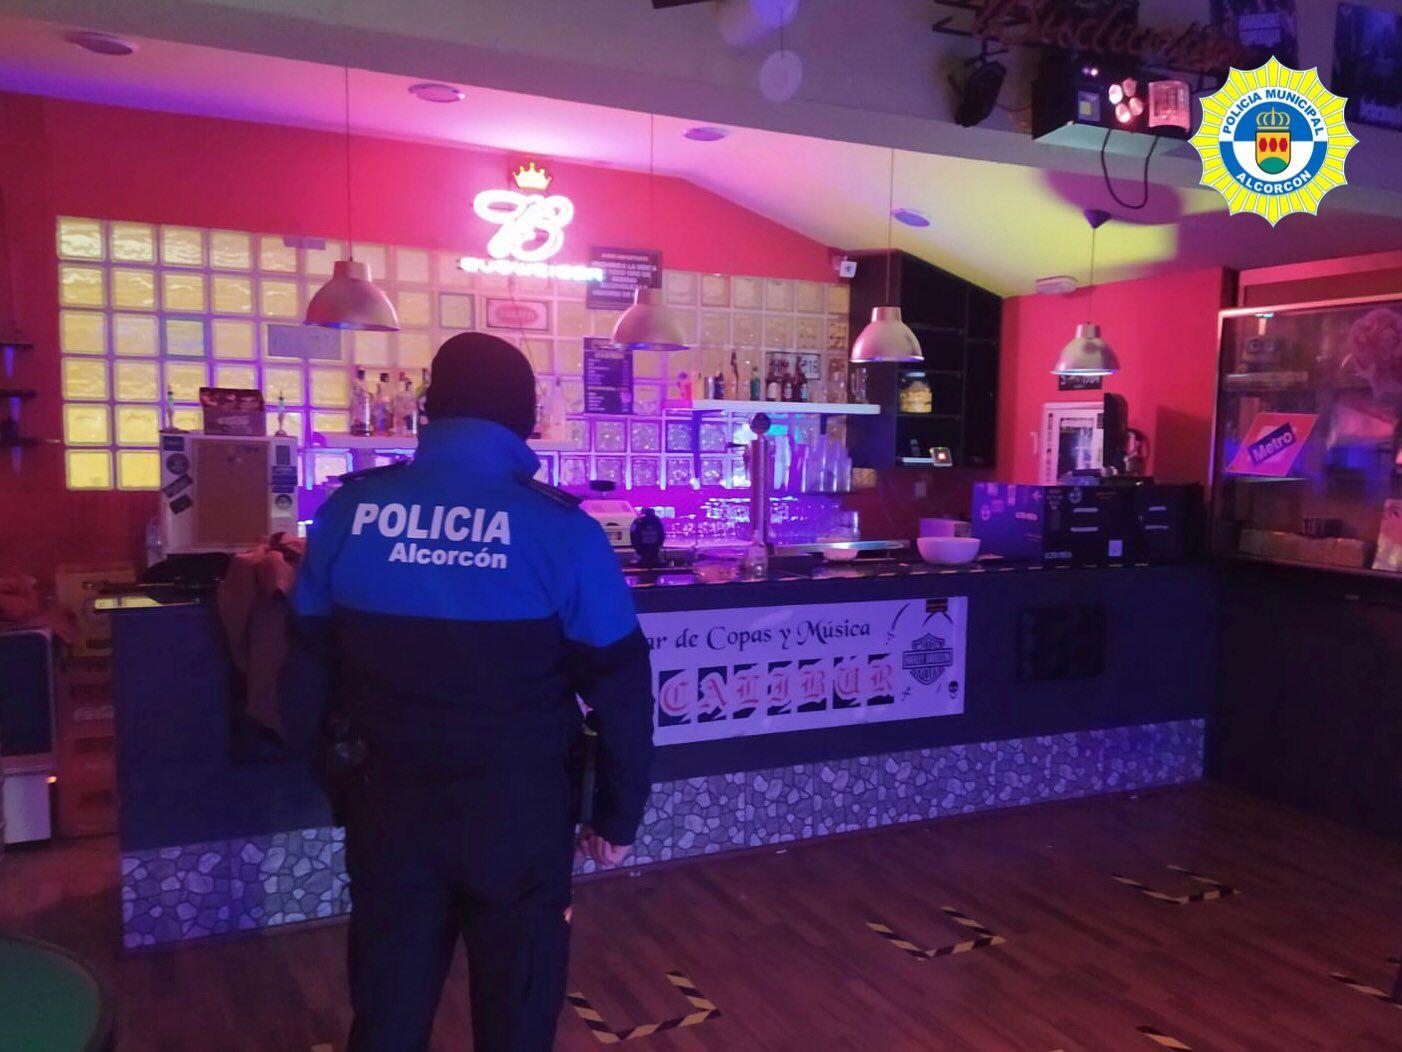 Fiesta desalojada en Alcorcón